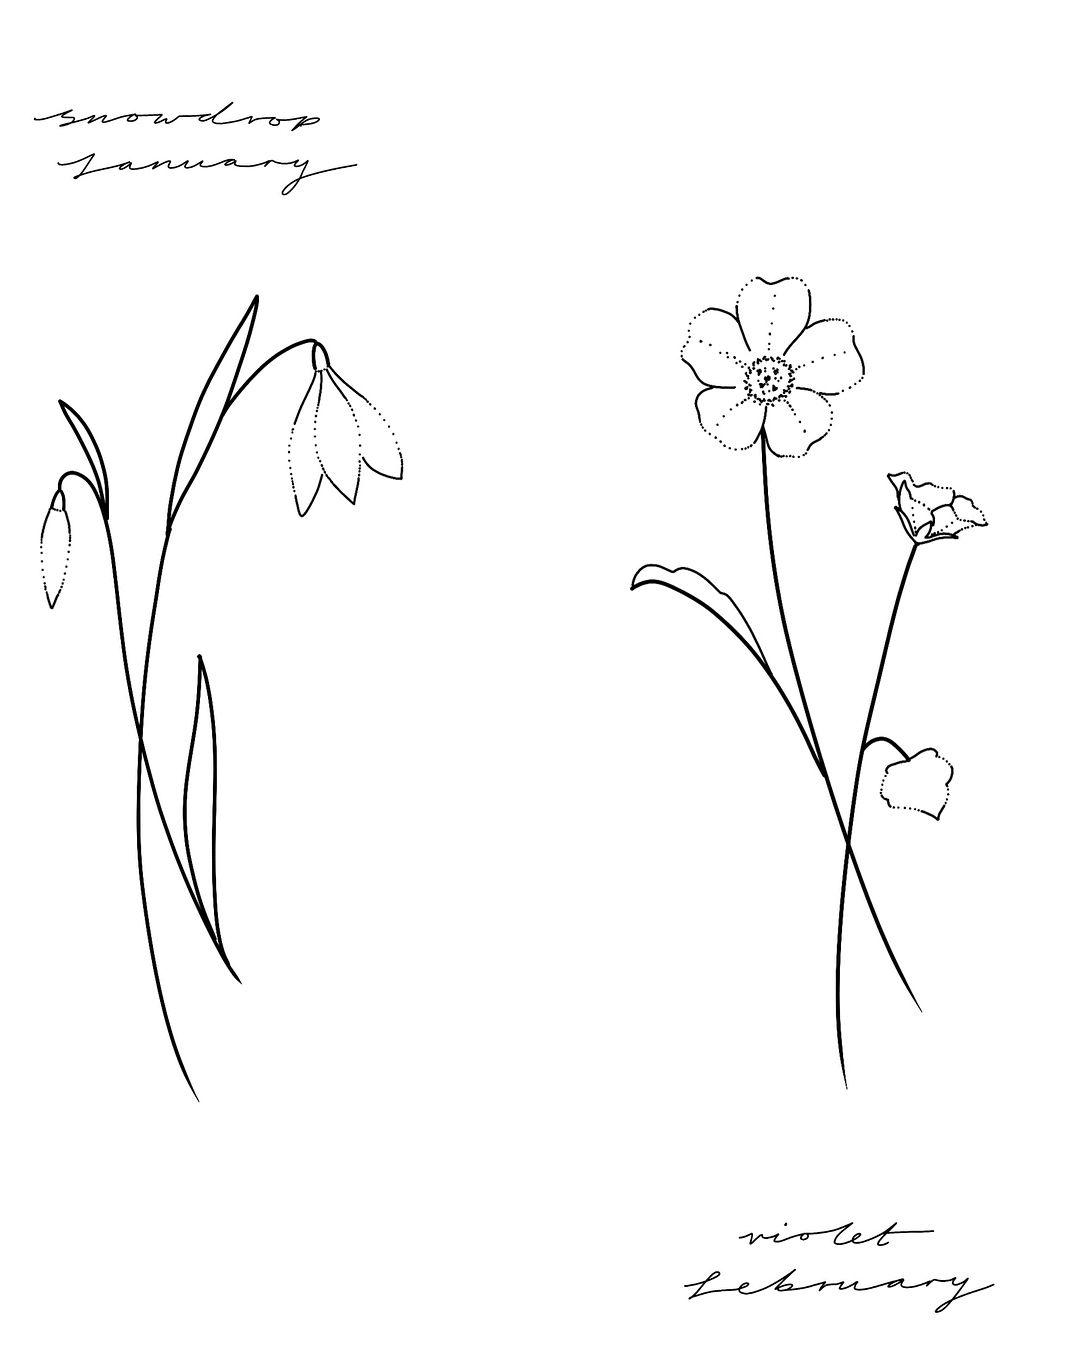 Birth Flower Flash January Snowdrop February Violet March Daffodil April Swee Tatuaje Violeta Tatuaje De Flor Delicada Tatuajes De La Flor De Violeta